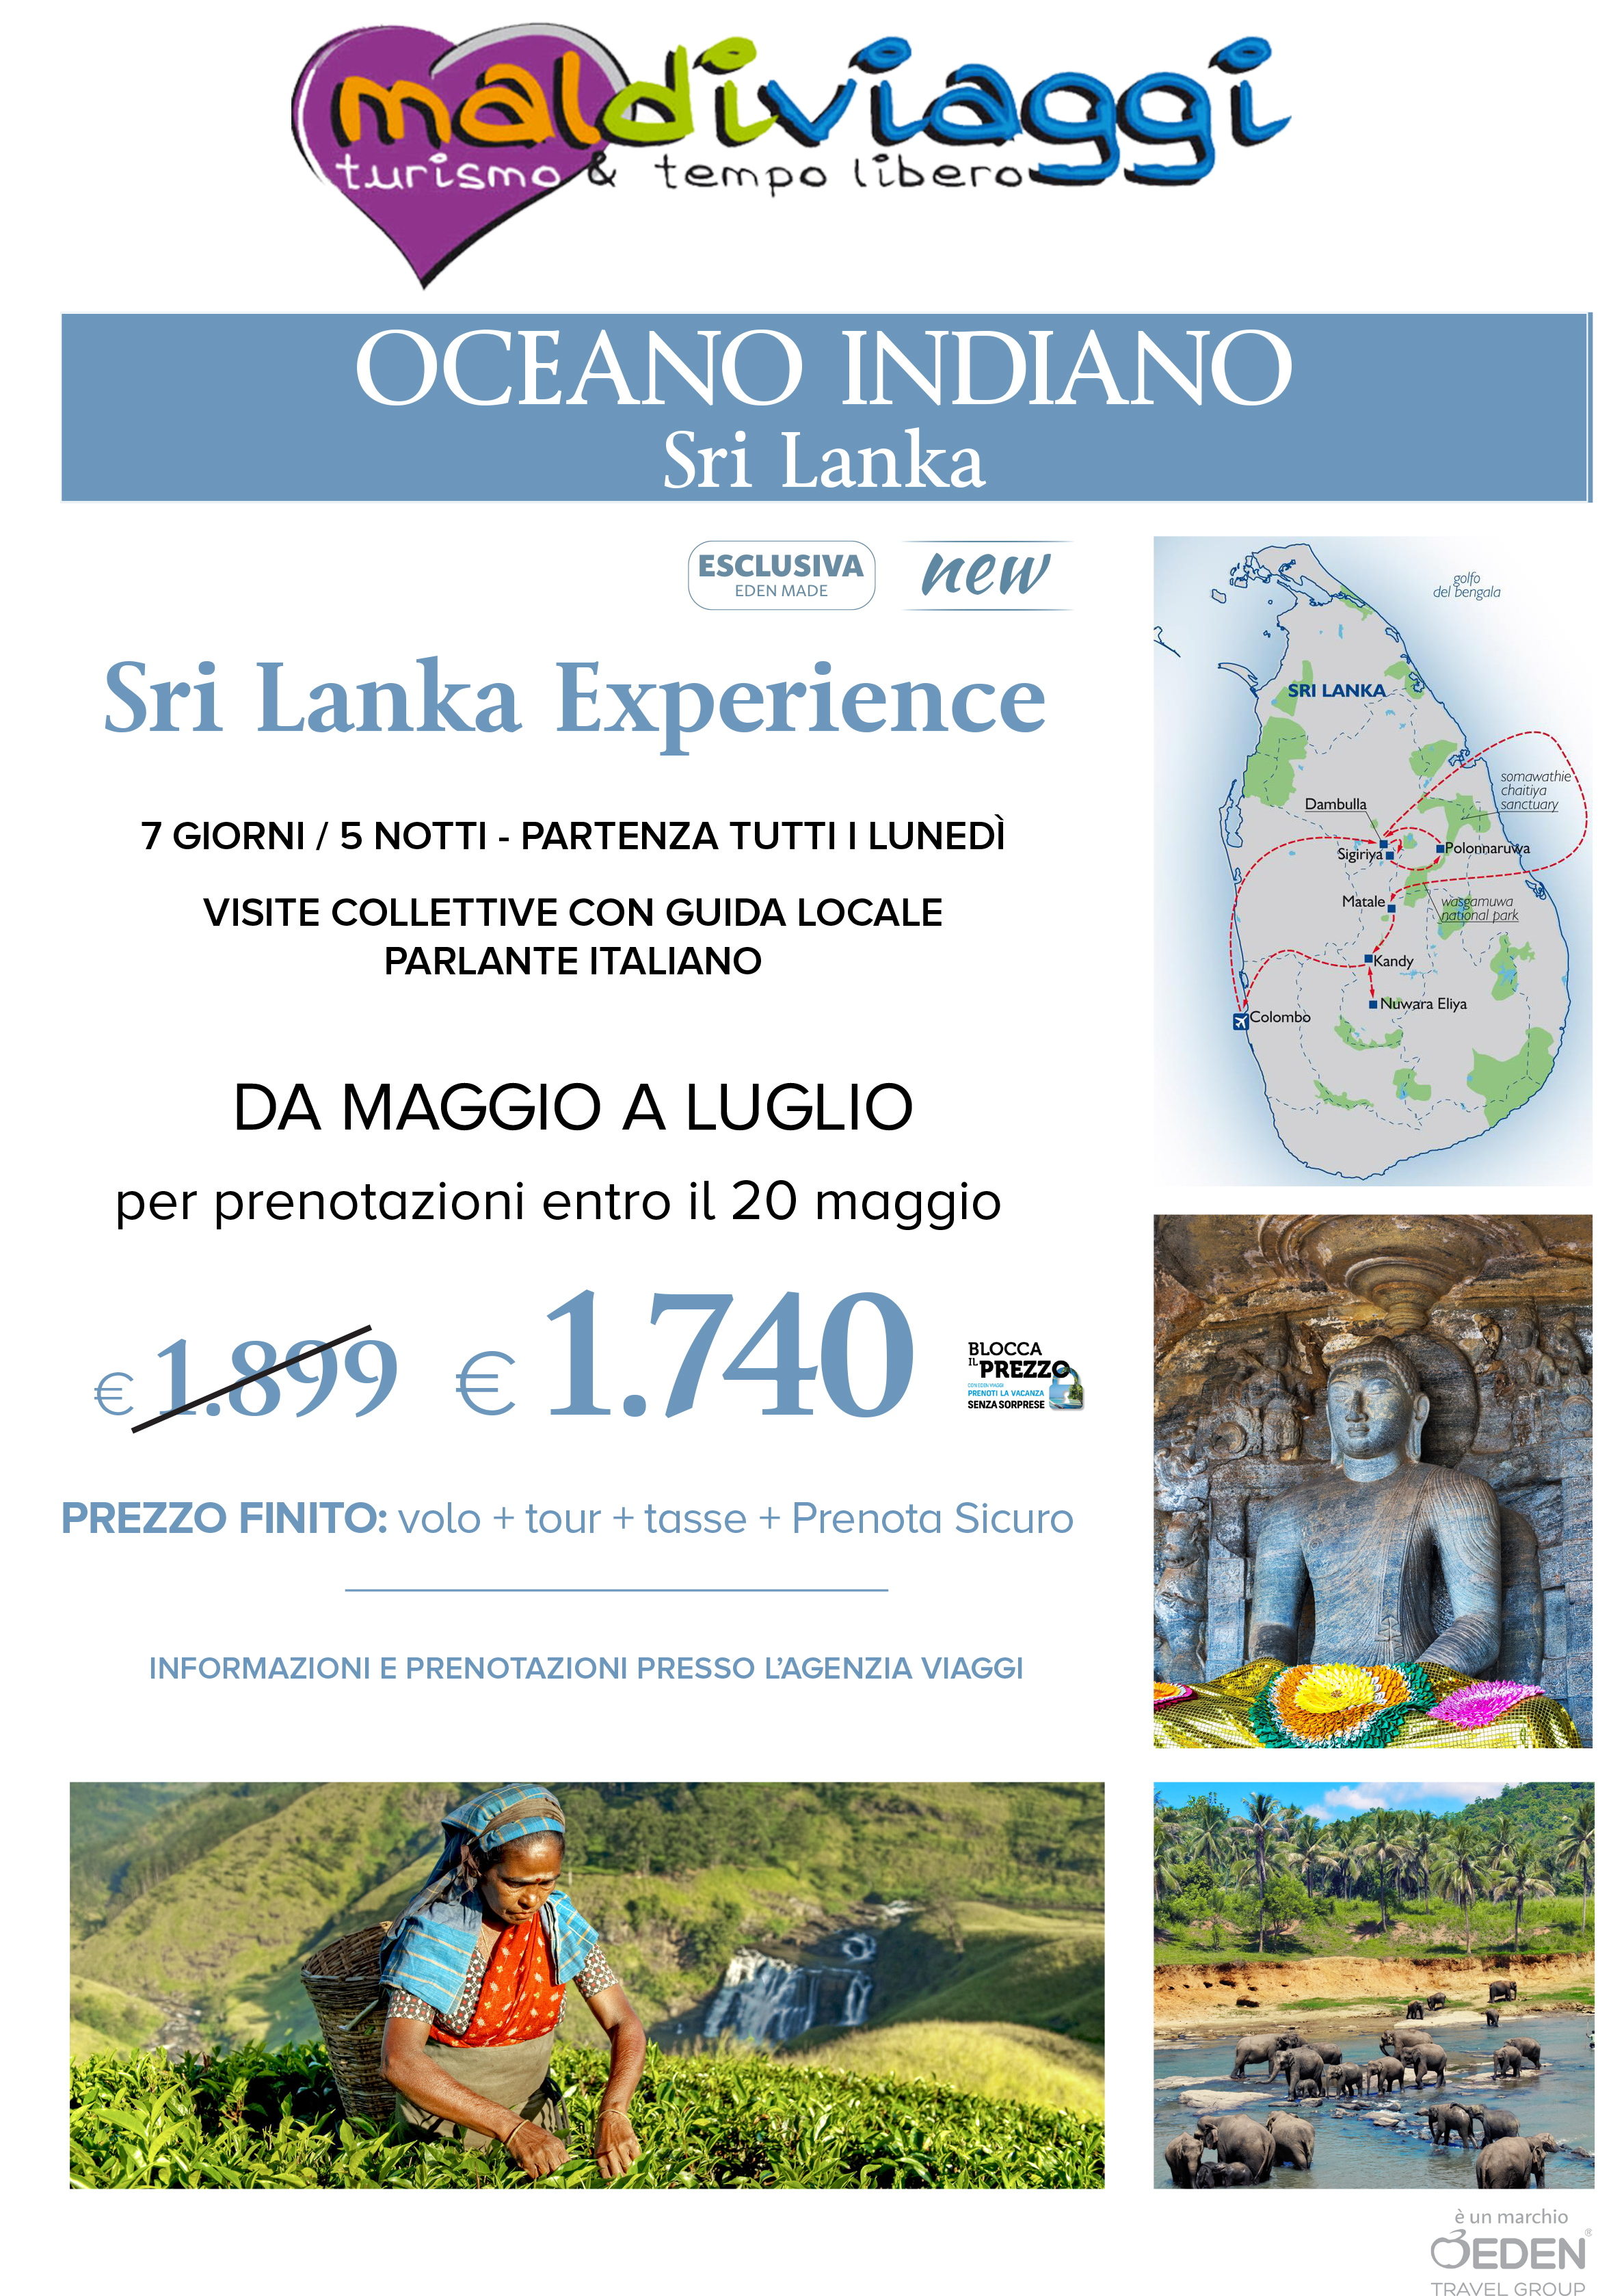 Oceano Indiano e Sri Lanka